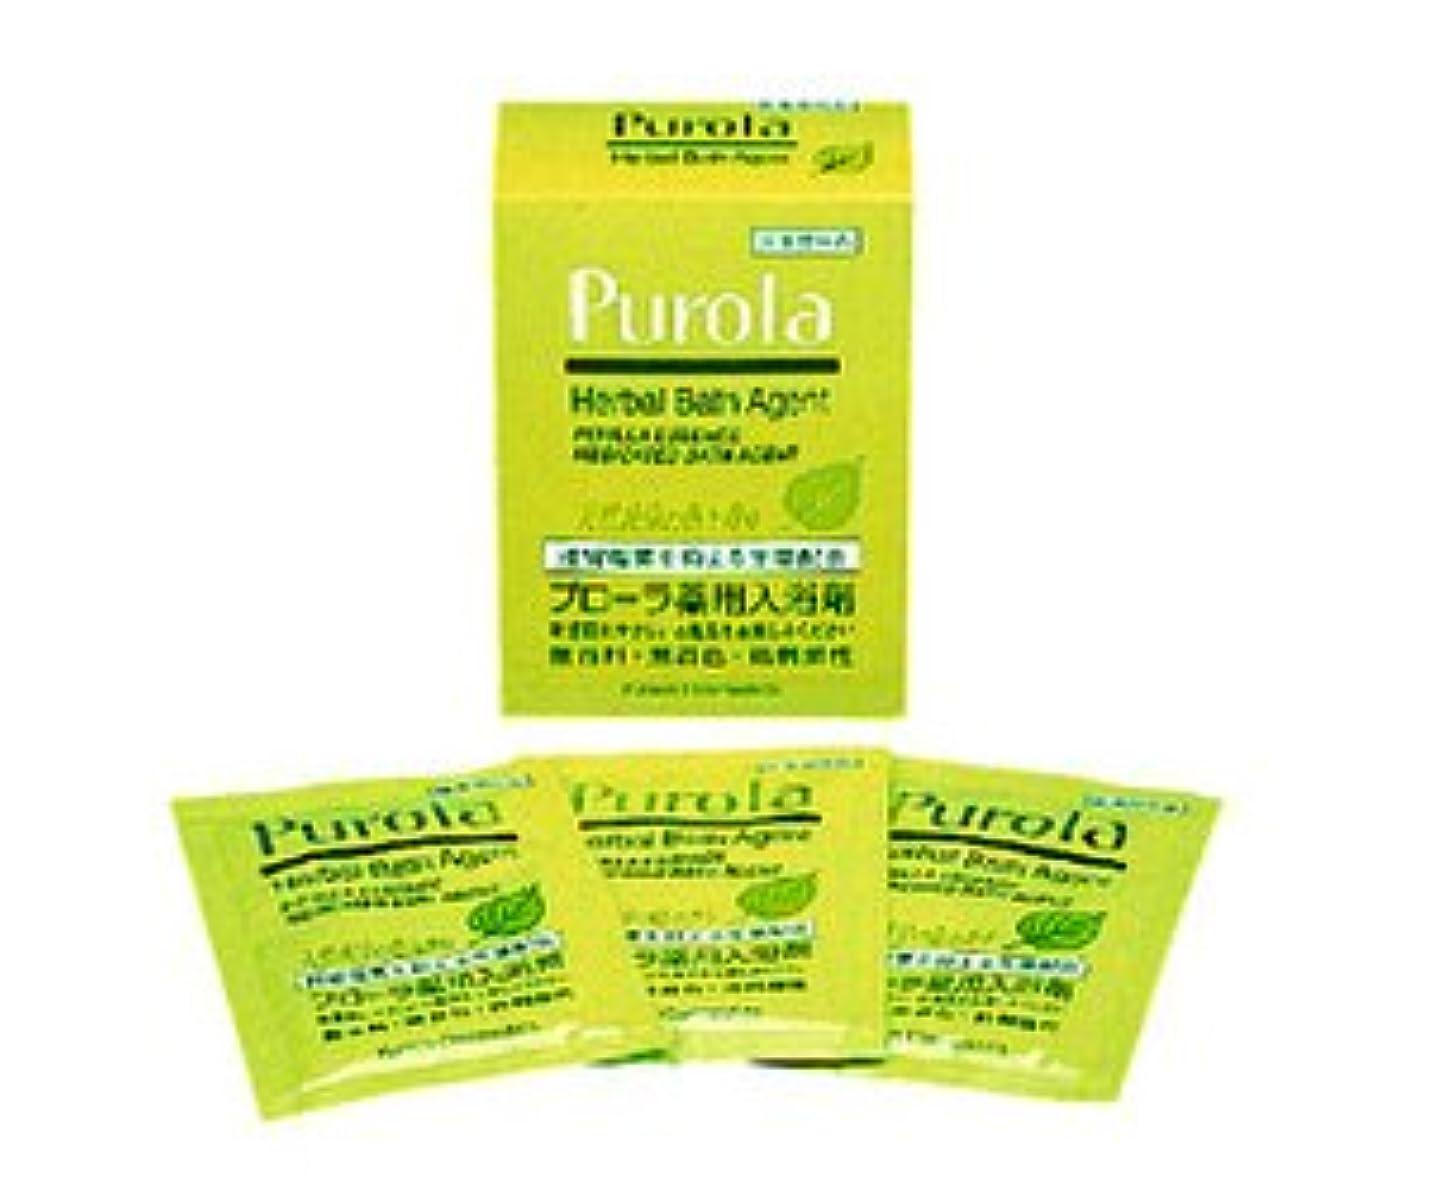 キャメル丈夫曲がったプローラ薬用入浴剤 25g×10包 低刺激性入浴剤